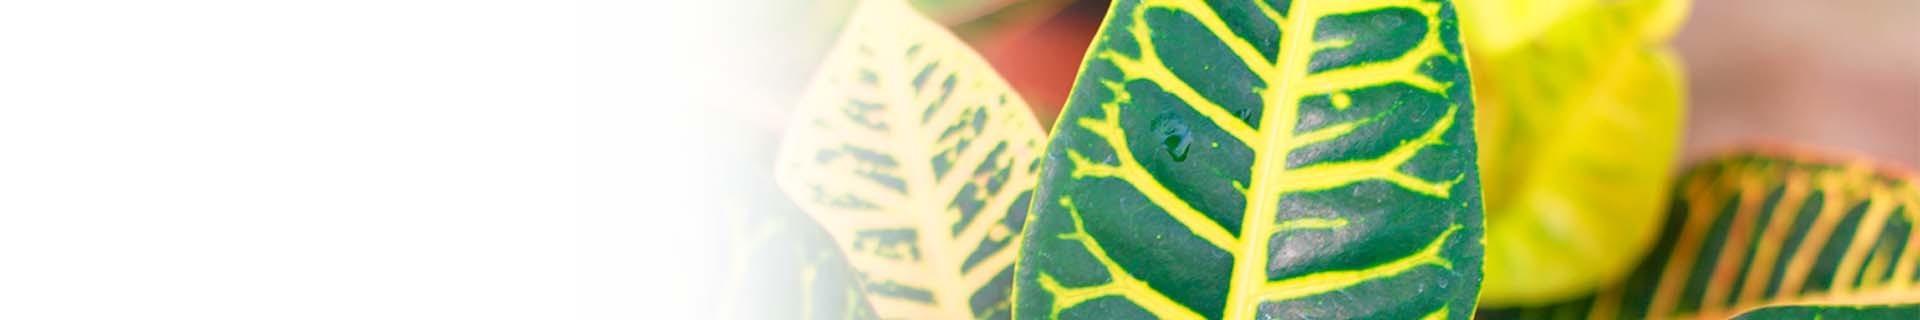 Auswahl an Herbstpflanzen und dekorativen Töpfen für zu Hause.